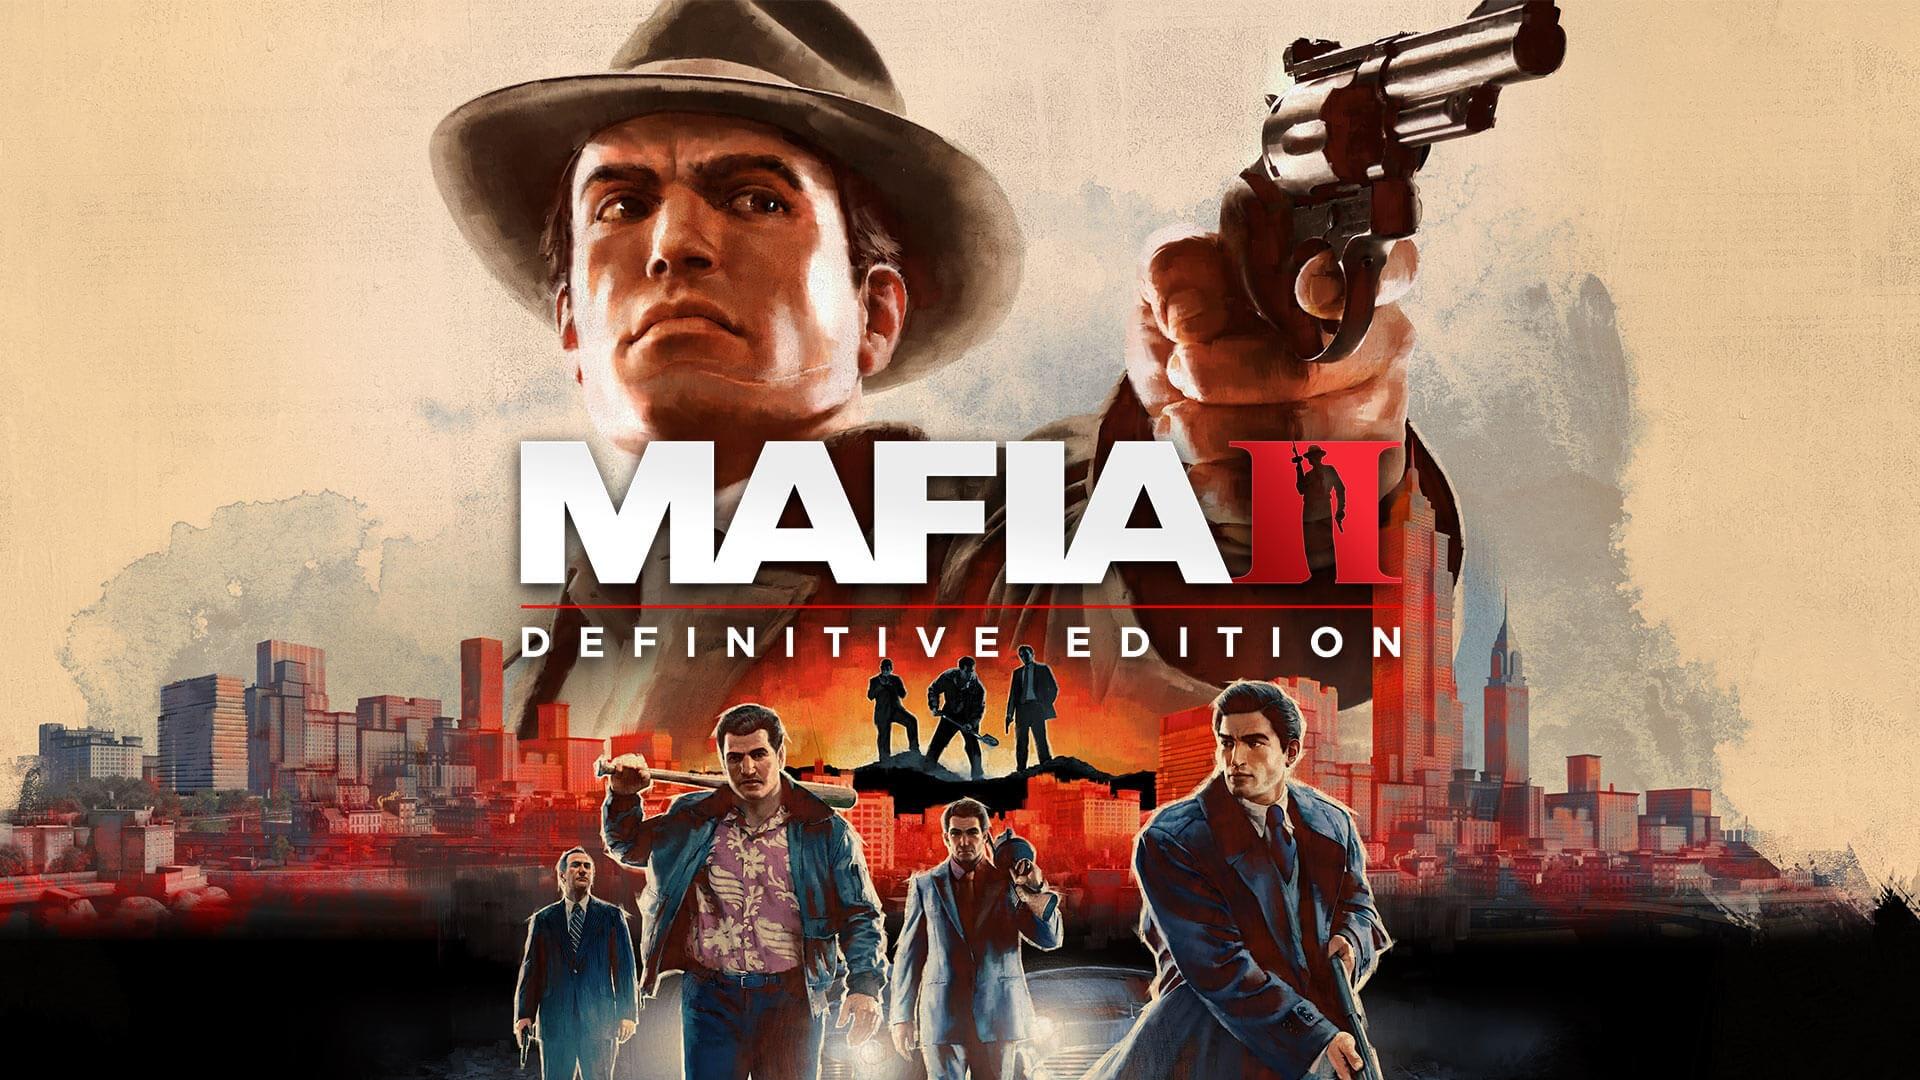 Mafia II: Definitive Edition - Mafia II: Definitive Edition